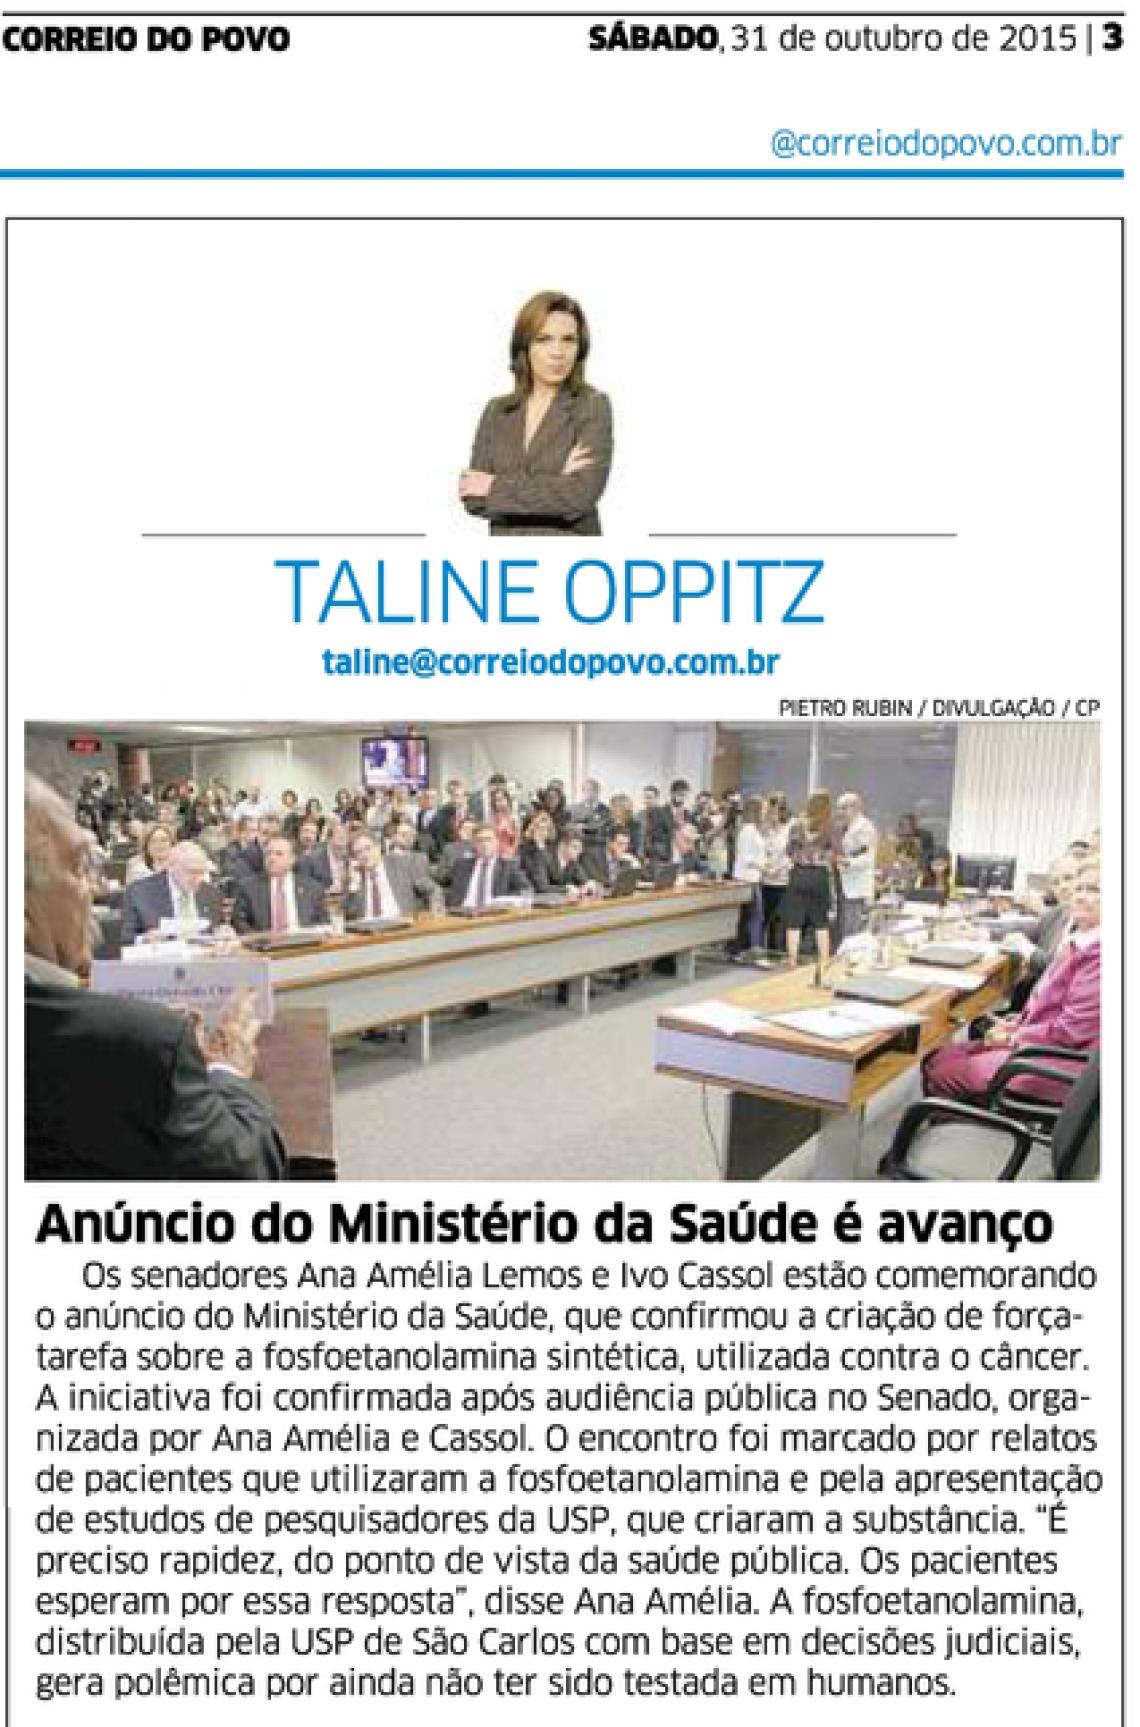 Correio do Povo: Taline Oppitz - Anúncio do Ministério da Saúde é avanço